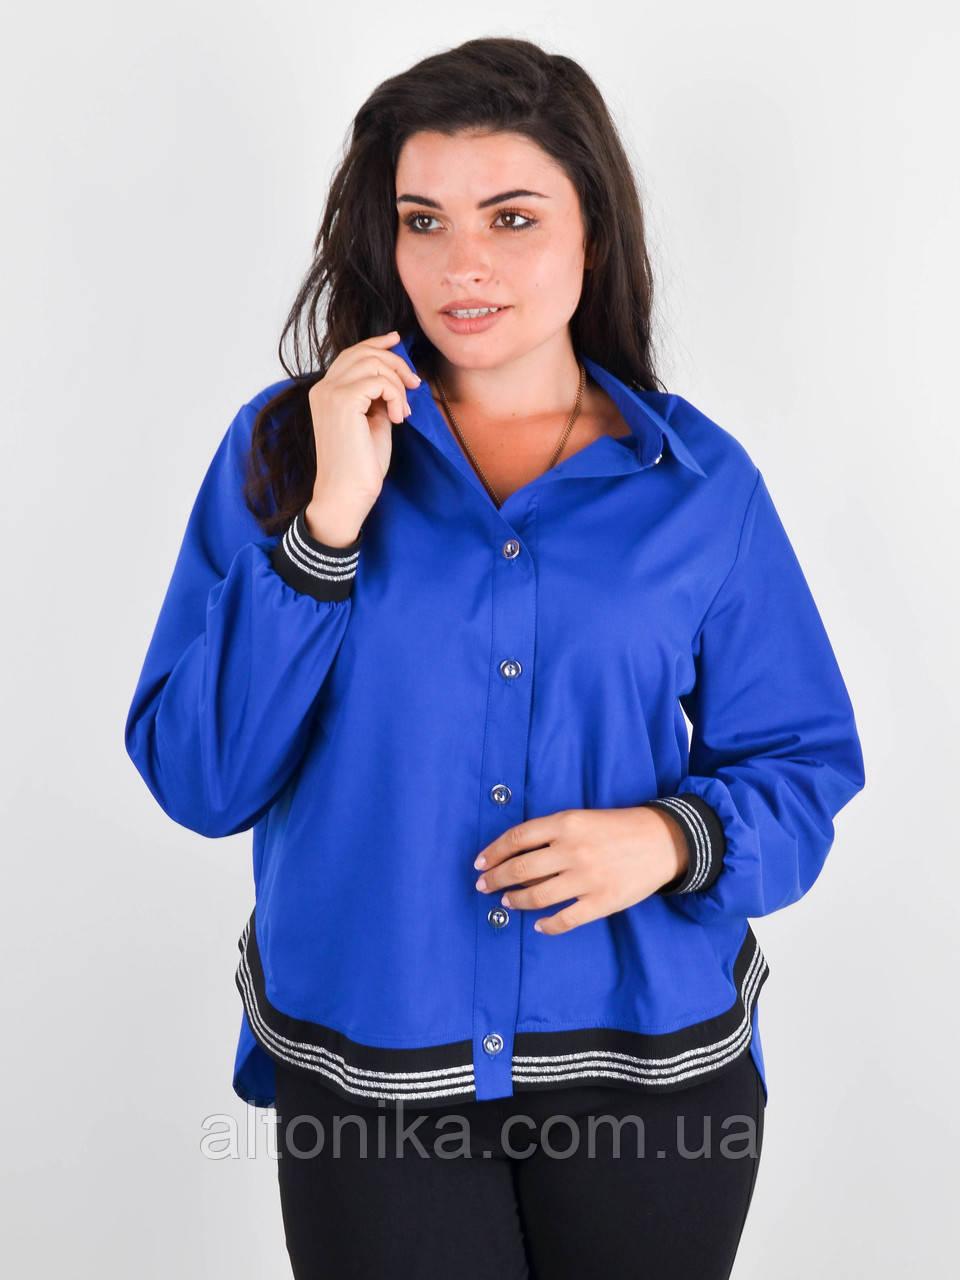 Діана. Оригінальна жіноча сорочка плюс-сайз. 58-60, 62-64